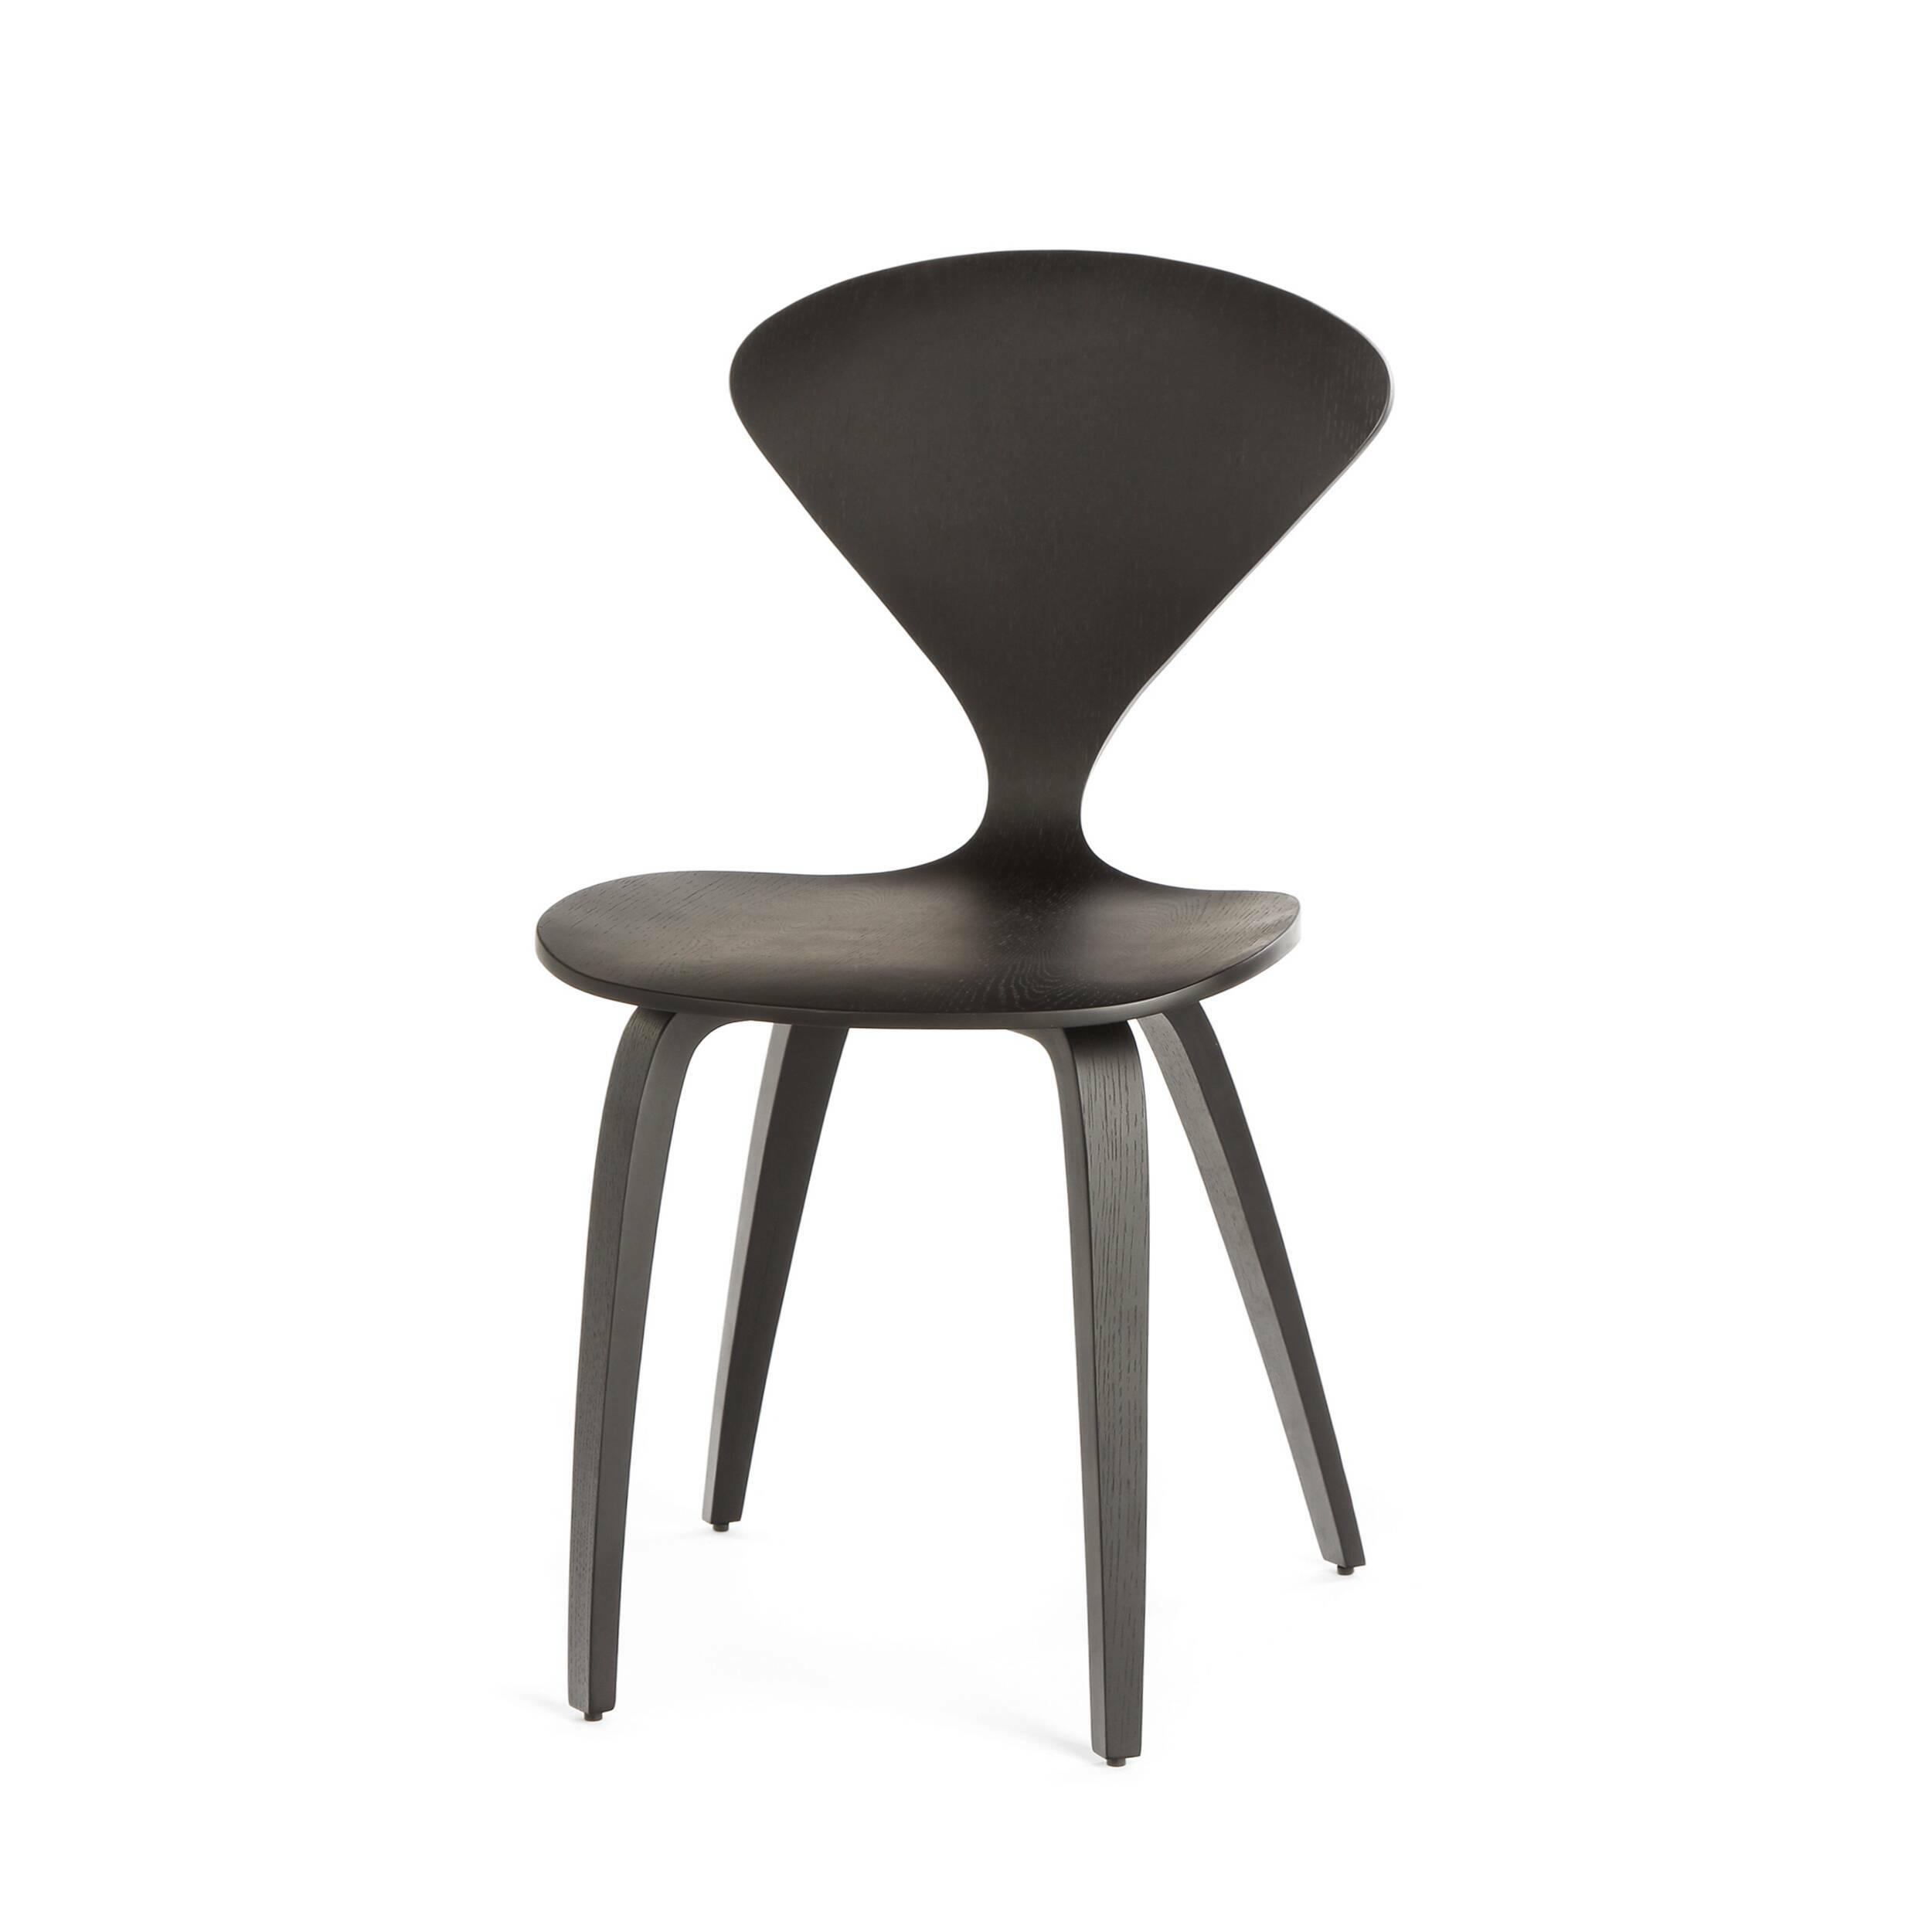 Стул ChernerИнтерьерные<br>Дизайнерский утонченный деревянный стул Cherner (Чернер) на тонких ножках без подлокотников от Cosmo (Космо).<br><br>     Американский дизайнер Норман Чернер с 1947 по 1949 год проработал в Музее современного искусства в Нью-Йорке, где досконально изучил труды идеологов баухауса, и в своих творениях решил следовать их заветам — создавать недорогую удобную мебель, которую мог бы себе позволить каждый. Он одним из первых стал применять фанеру — недорогой и легкий материал, и в 1958 году создал свой...<br><br>stock: 5<br>Высота: 81,5<br>Высота сиденья: 44,5<br>Ширина: 46<br>Глубина: 52<br>Материал каркаса: Фанера<br>Тип материала каркаса: Дерево<br>Цвет каркаса: Черный